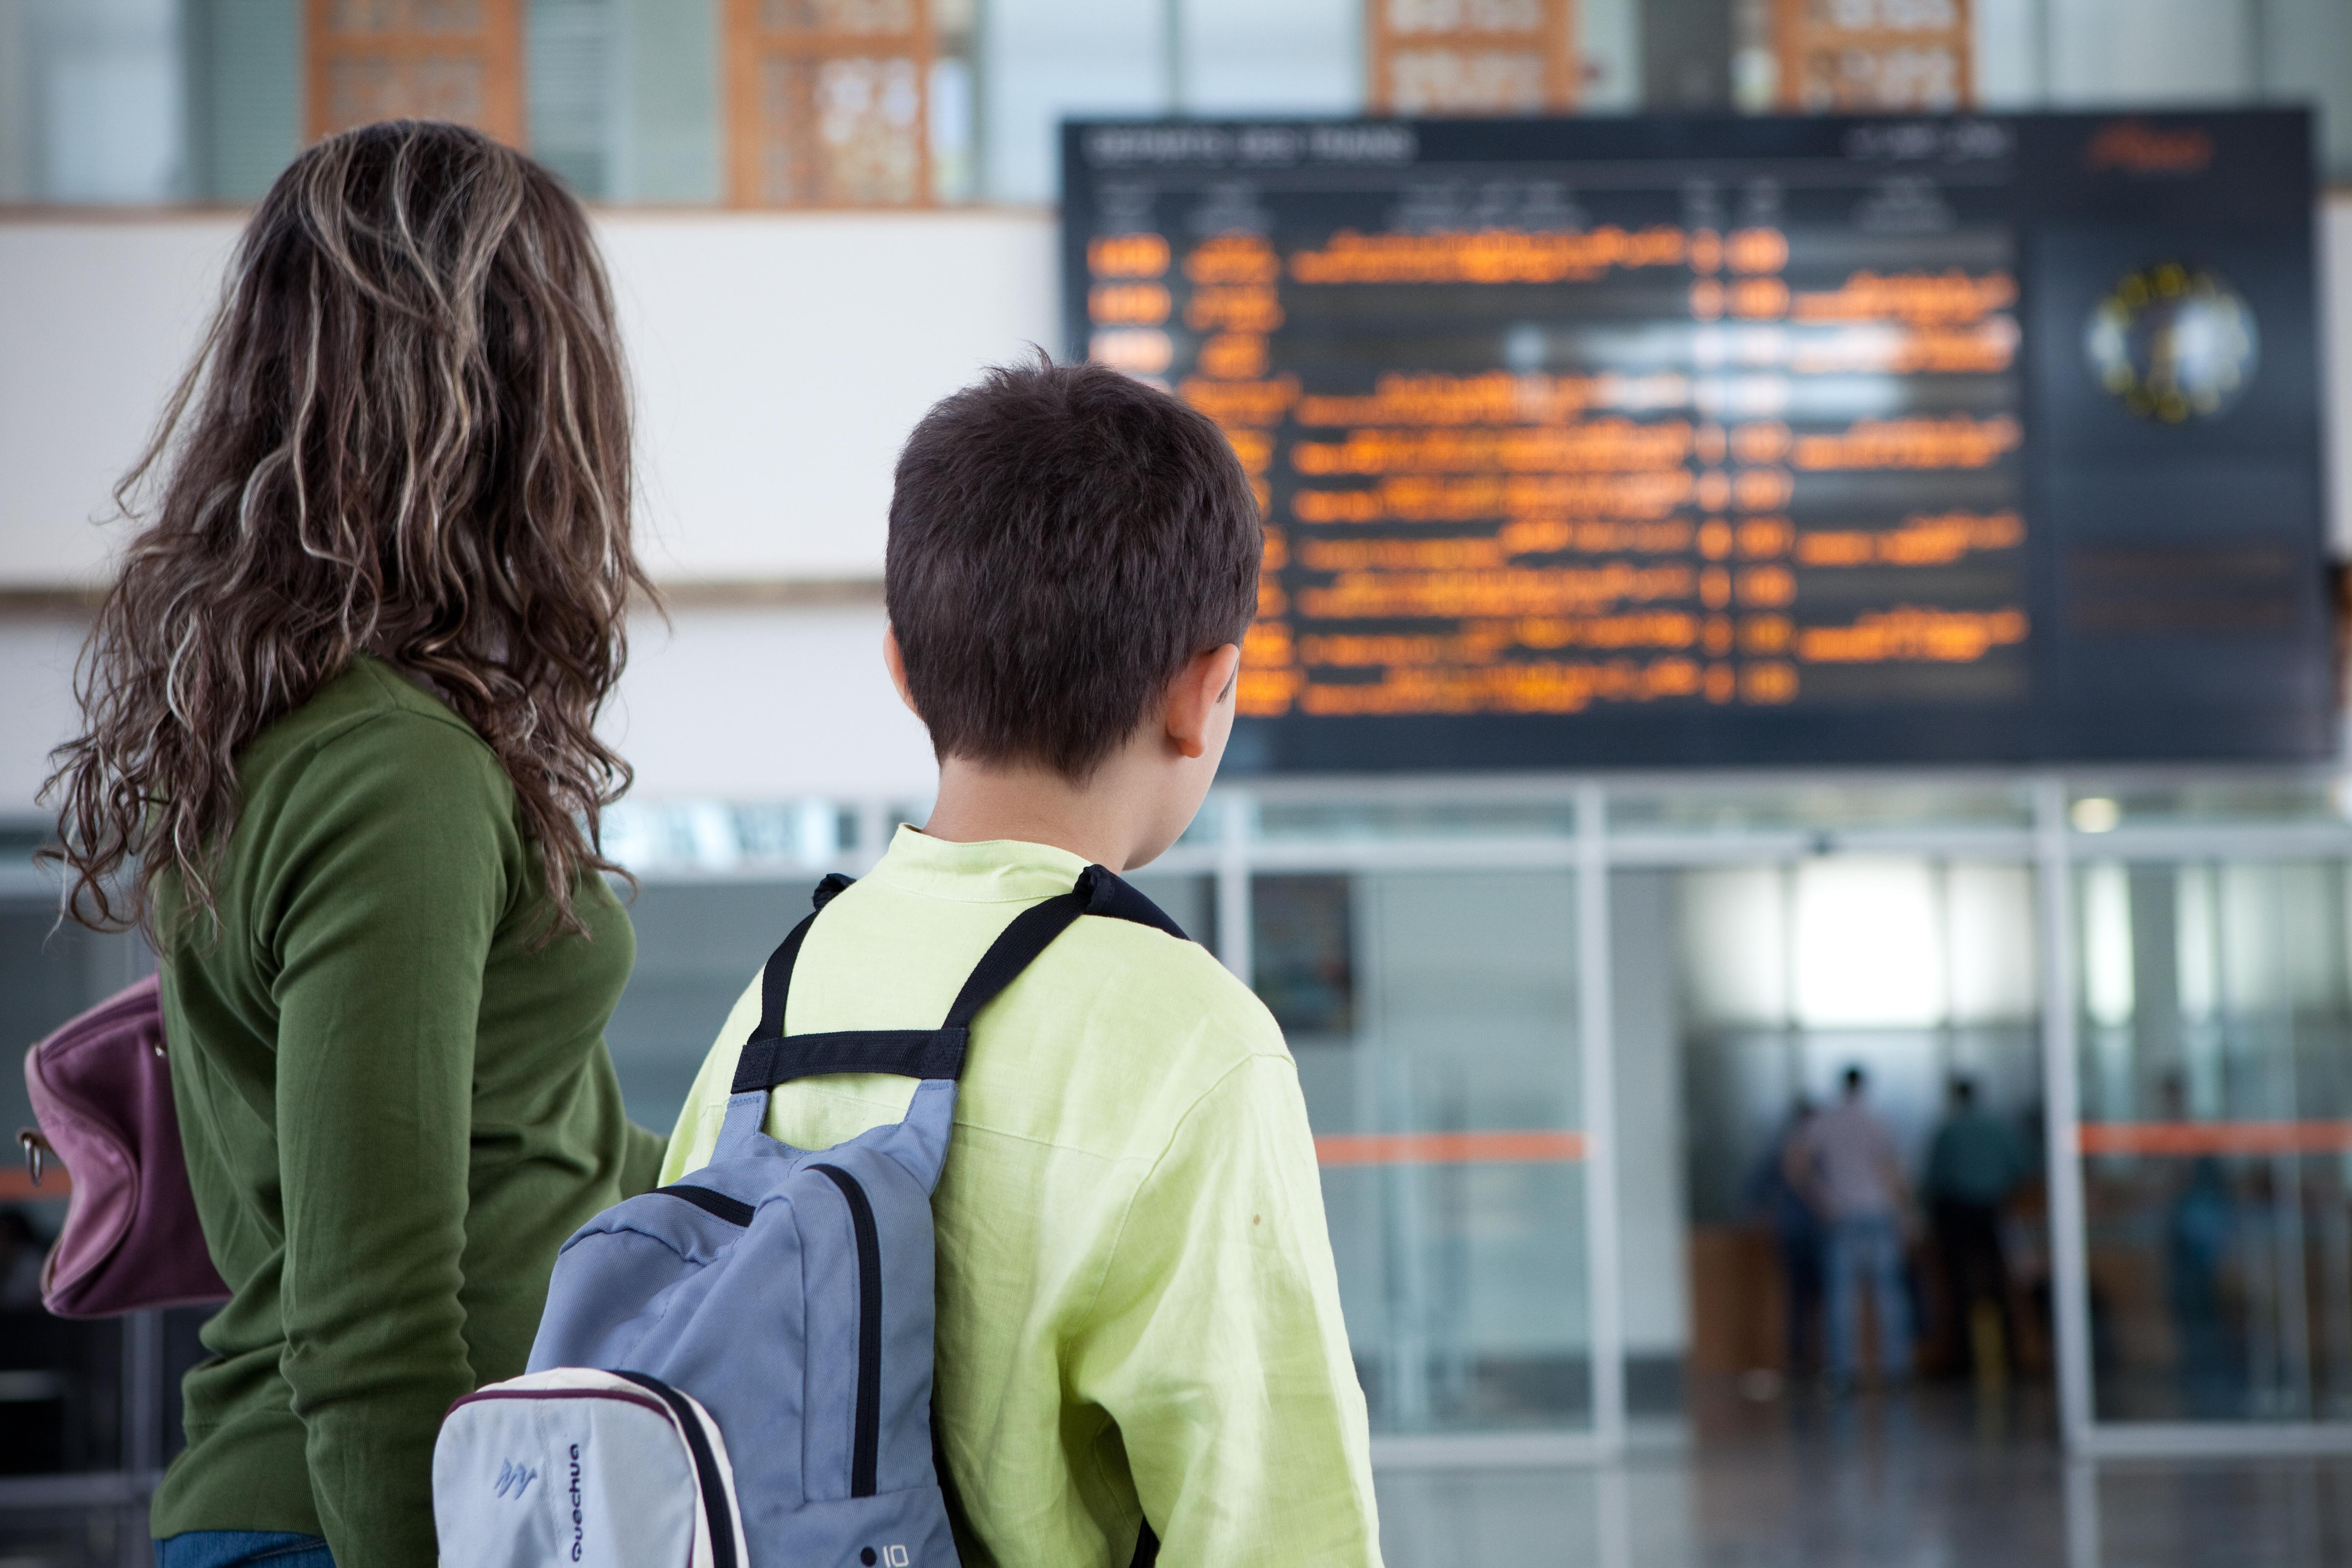 أكثر من 2 مليون مسافر ركبوا القطارات في العطلة المدرسية !